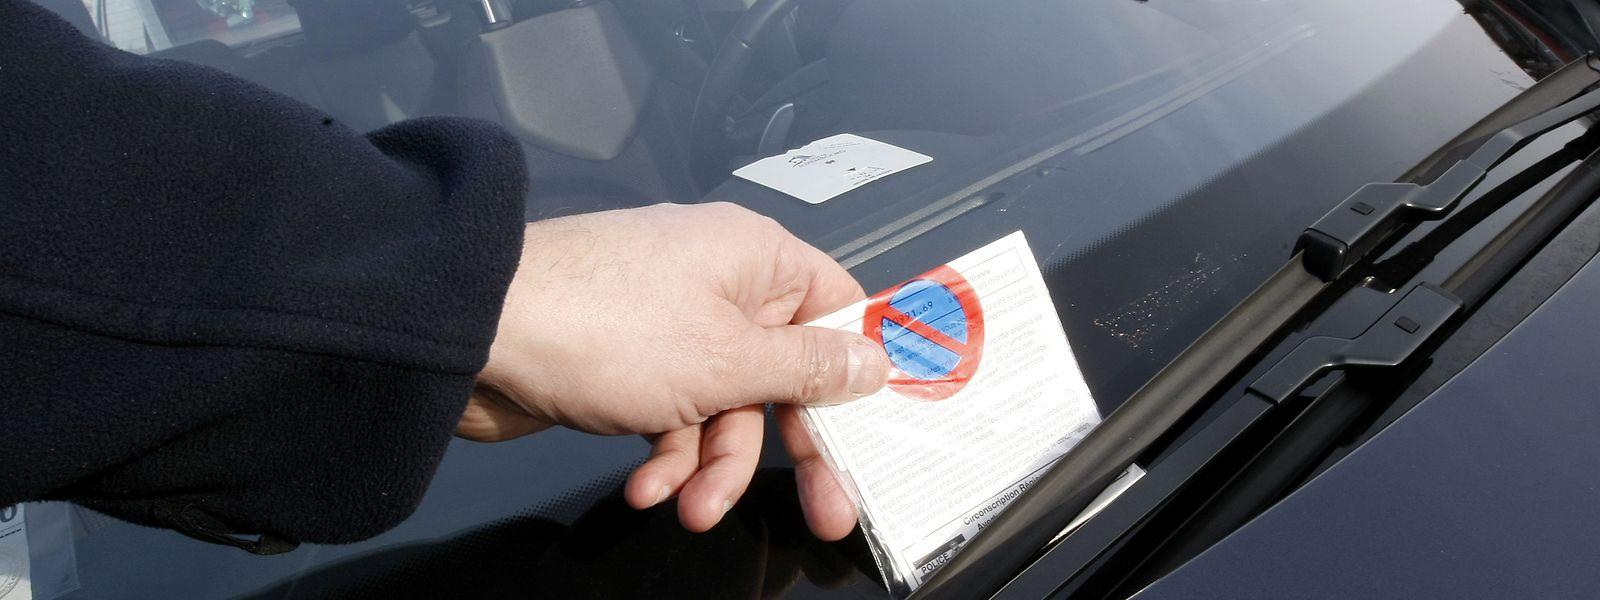 Aujourd'hui encore, avec une simple amende pour infraction au code de la route, un automobiliste voit toujours et encore ses données personnelles stockées dans le fichier de la police